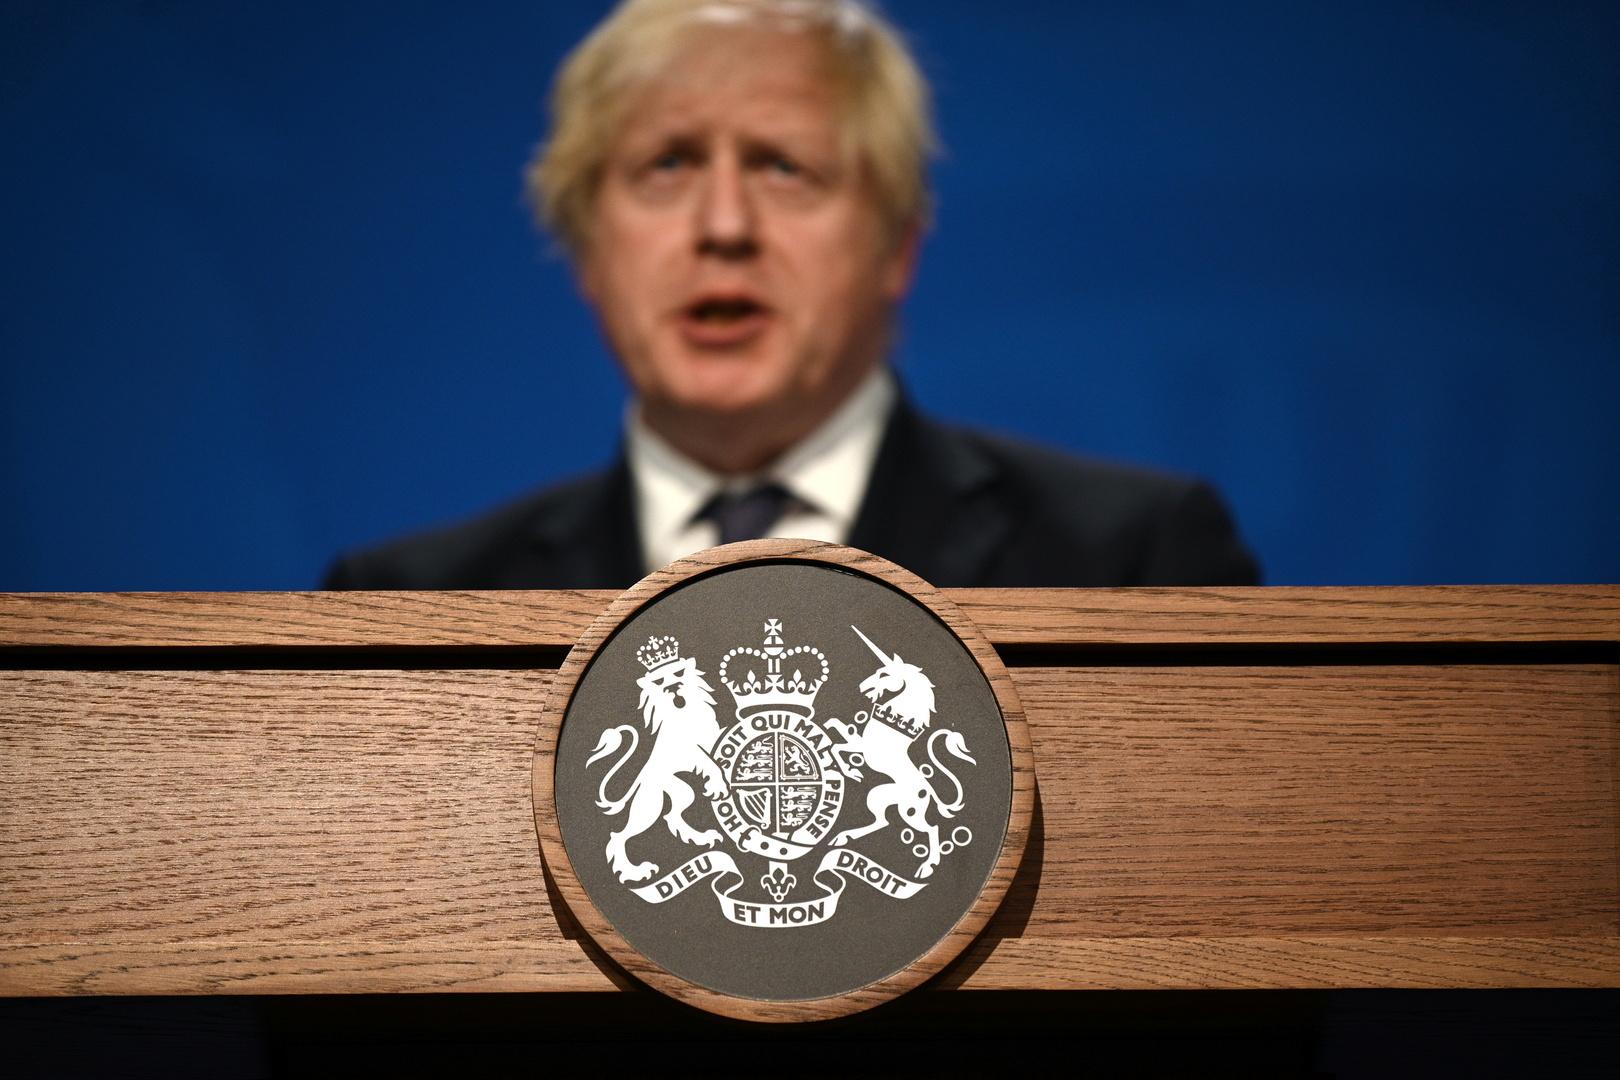 برلمان بريطانيا يصوت على خفض المساعدات الخارجية المثير للجدل